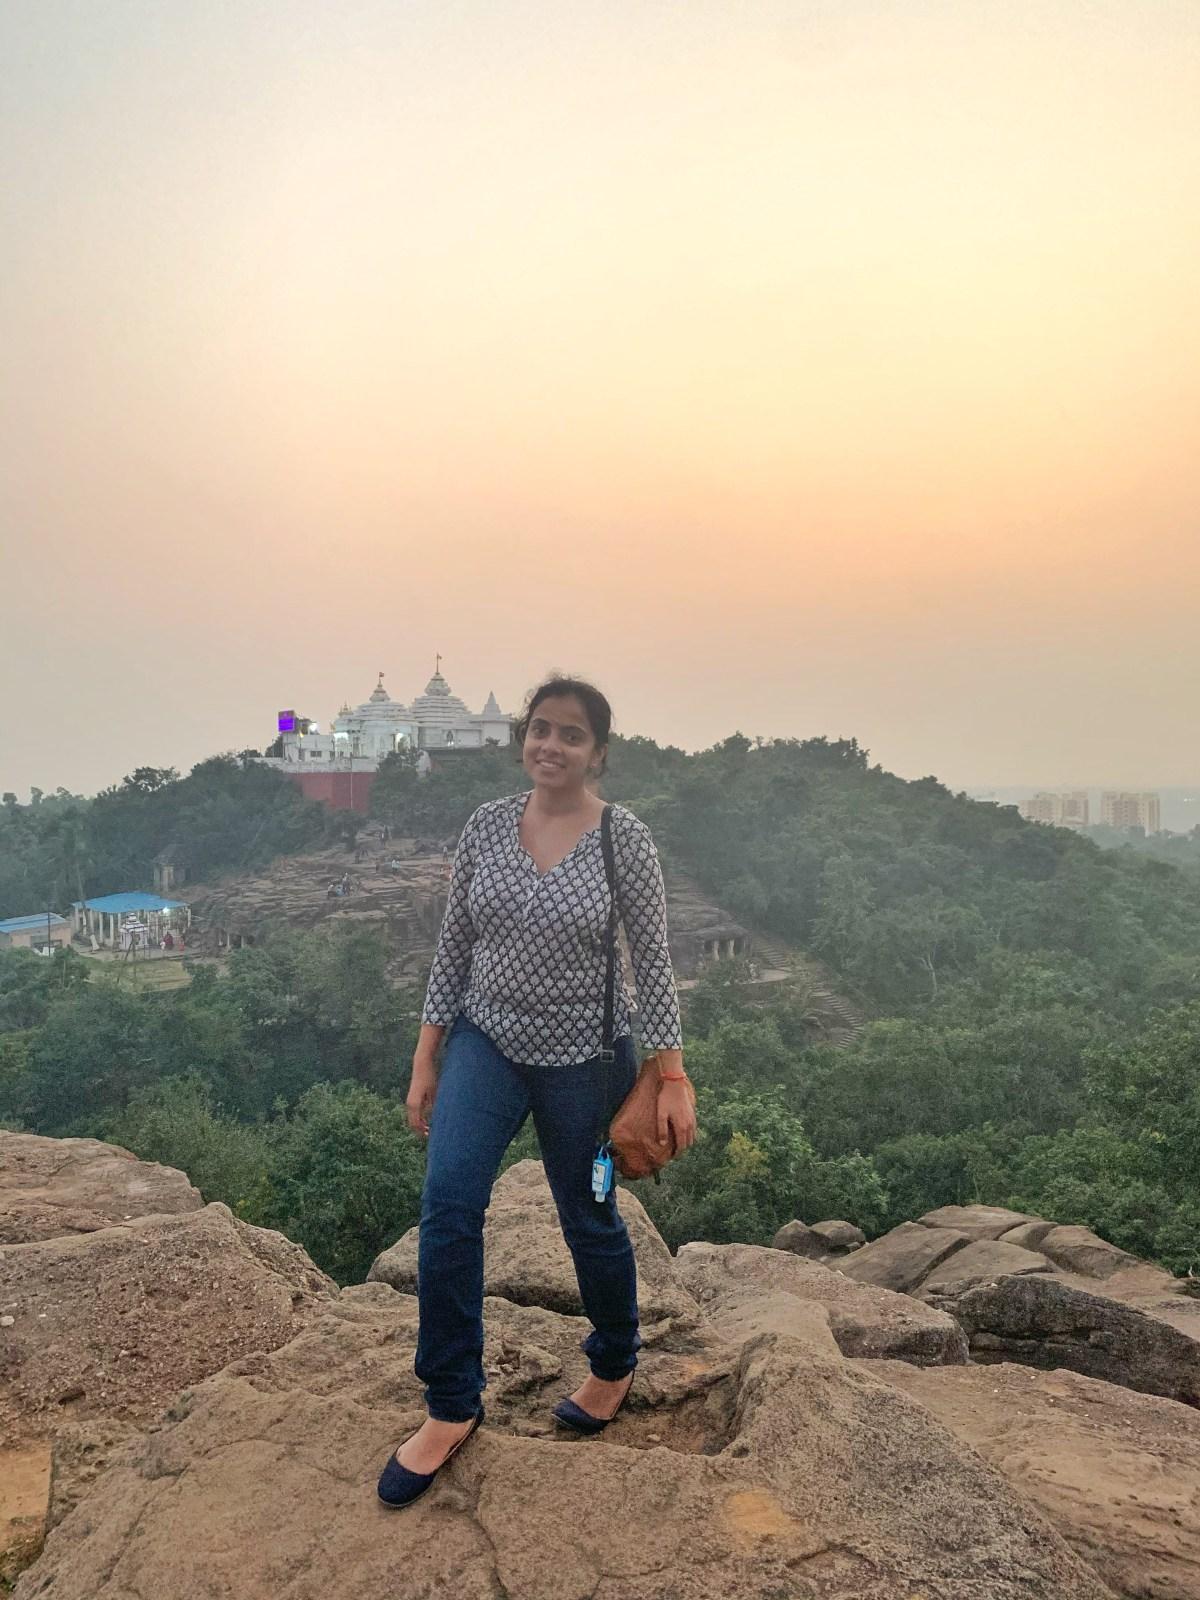 Sunset in Bhubaneshwar